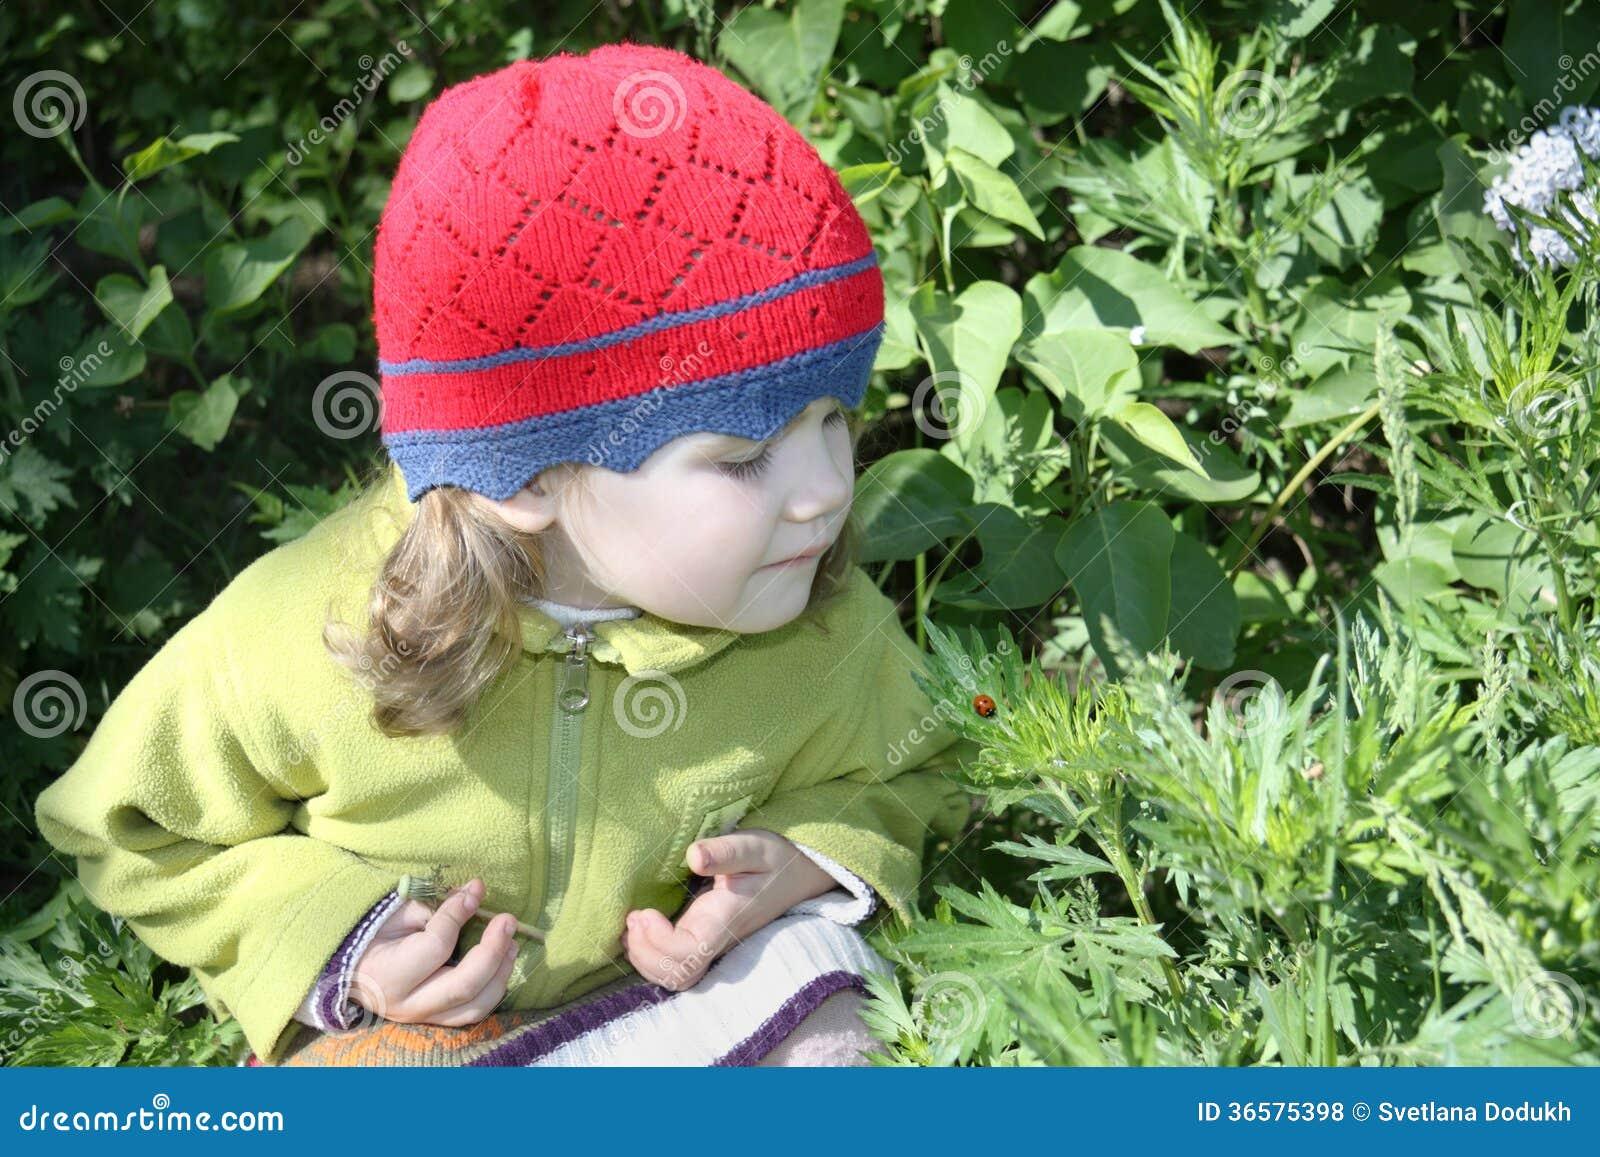 Het meisje bekijkt lieveheersbeestje op groen blad in zonnige dag